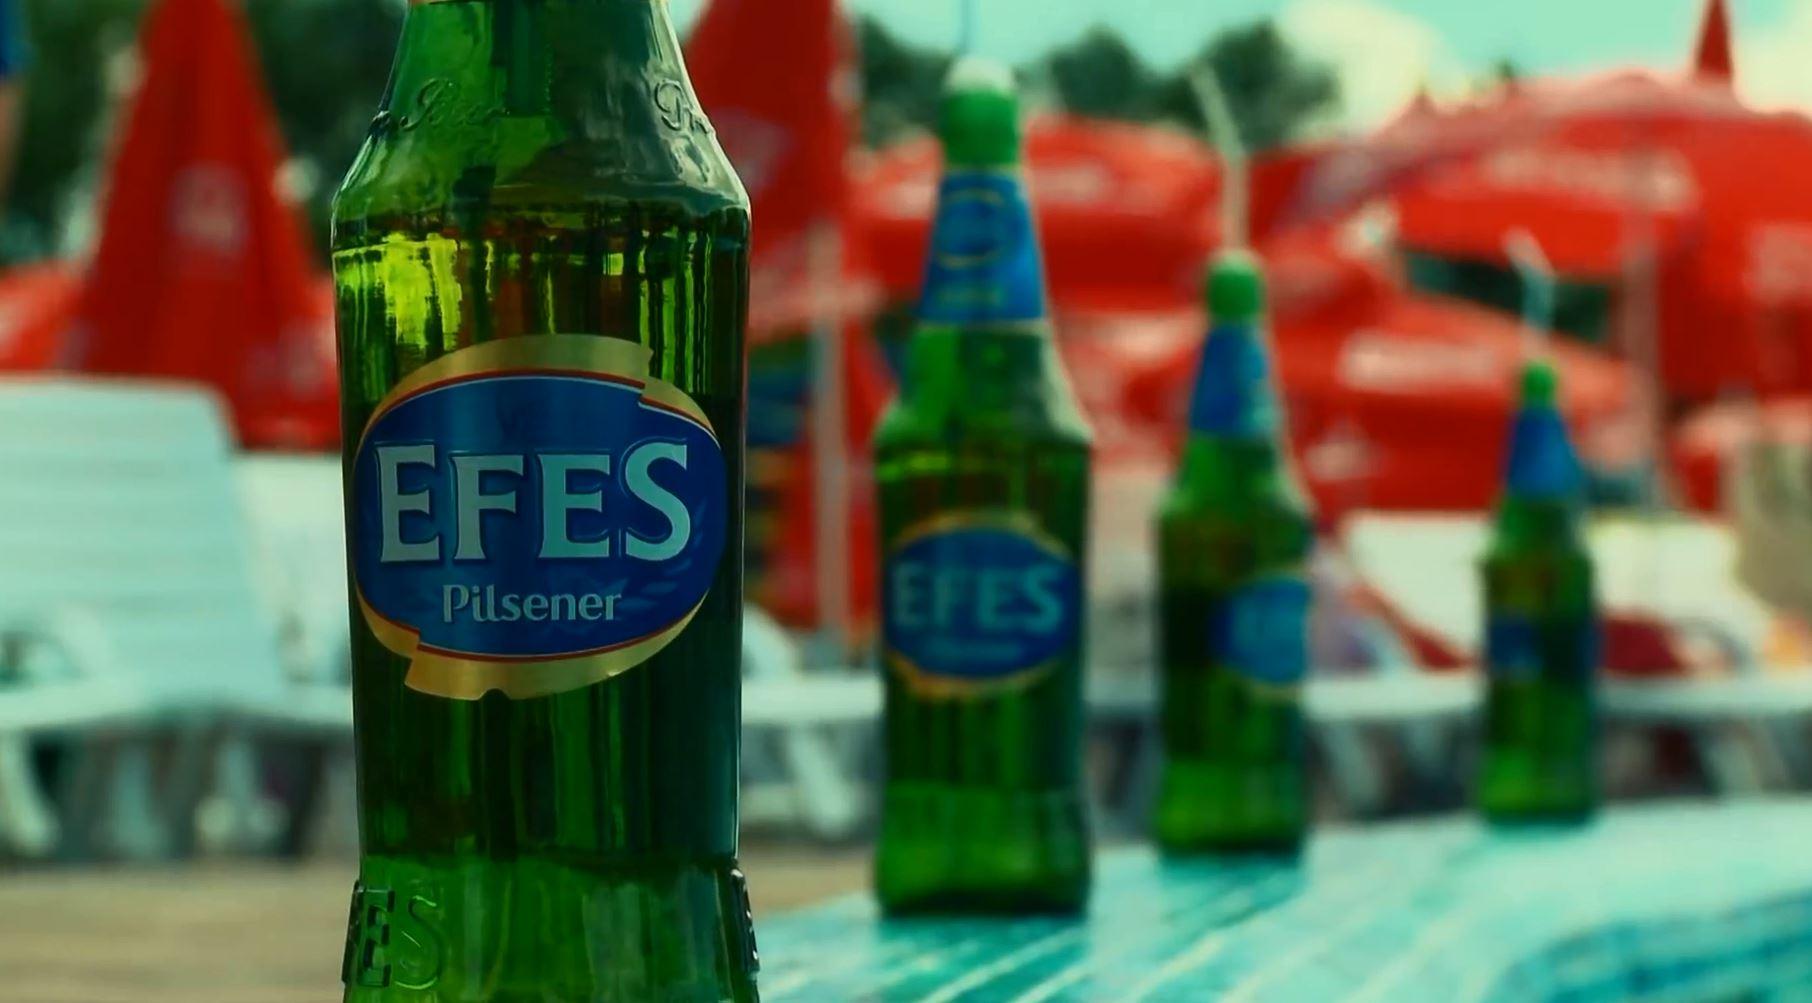 Türkei: Werbeverbot für alkoholische Getränke tritt in Kraft